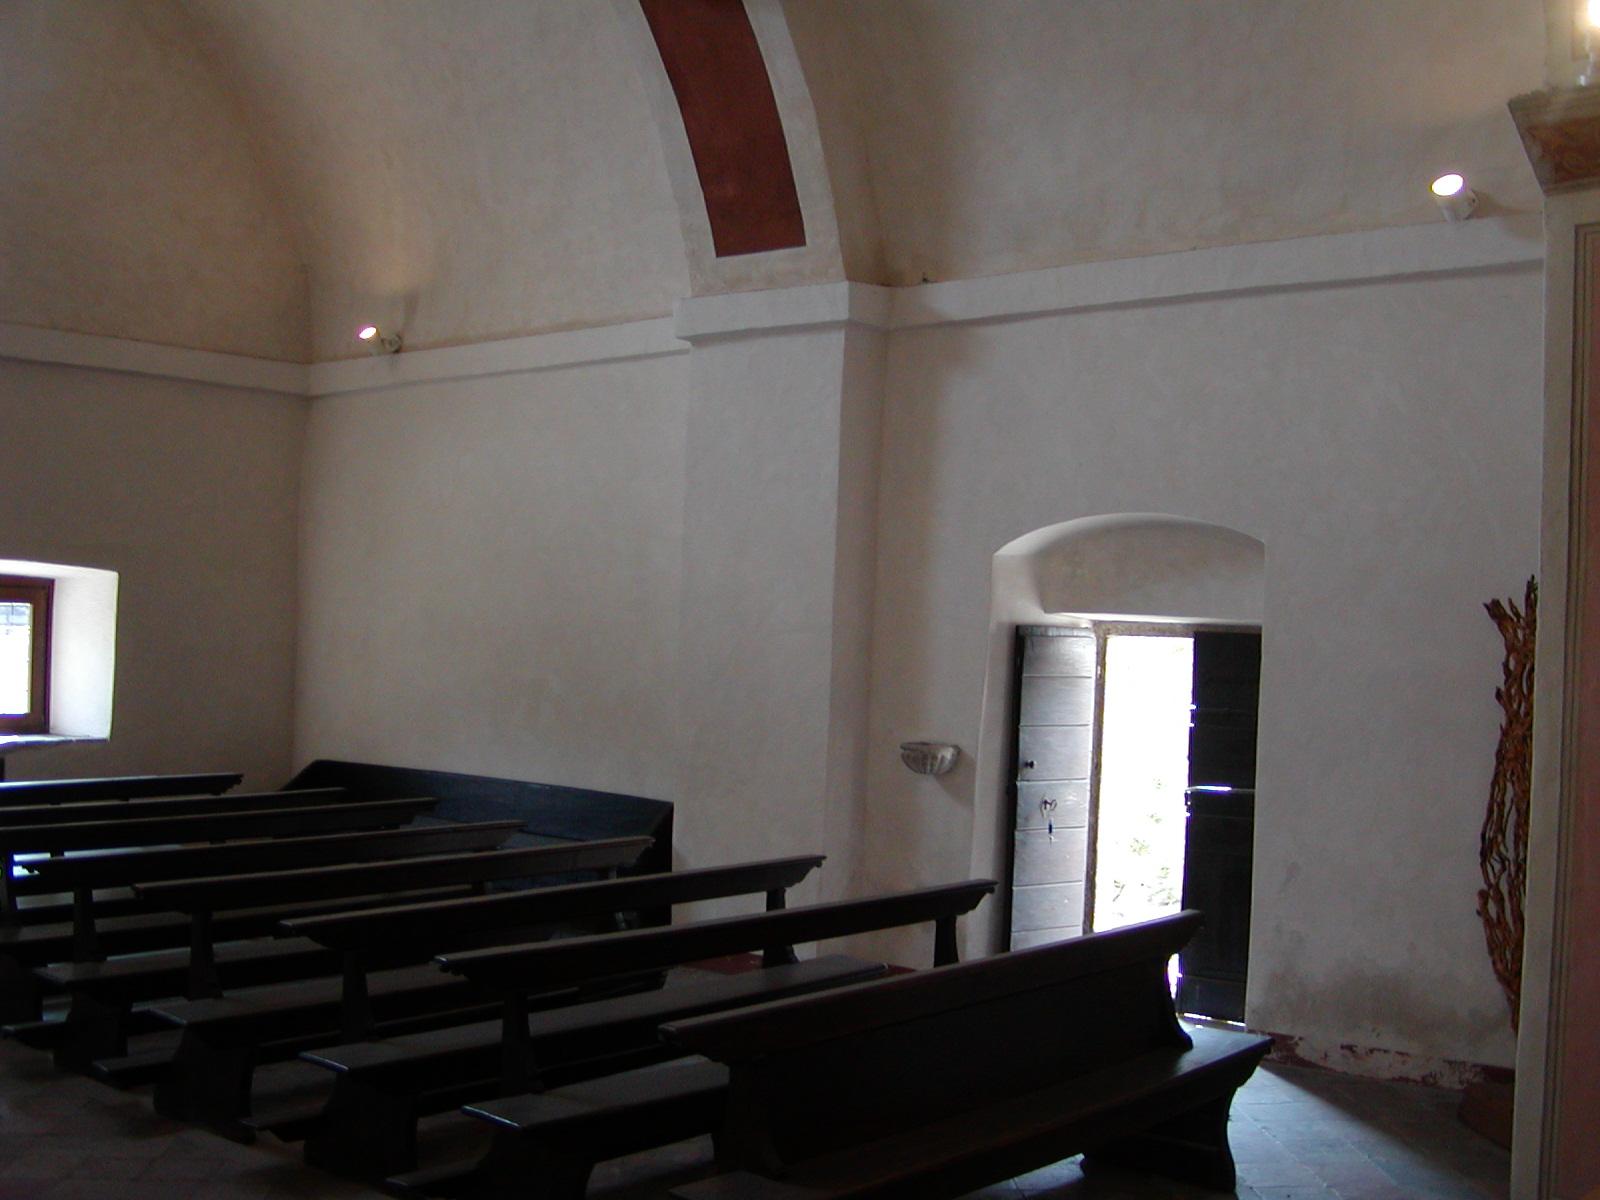 Studio-di-architettura-Baisotti-Sigala-prgetti201